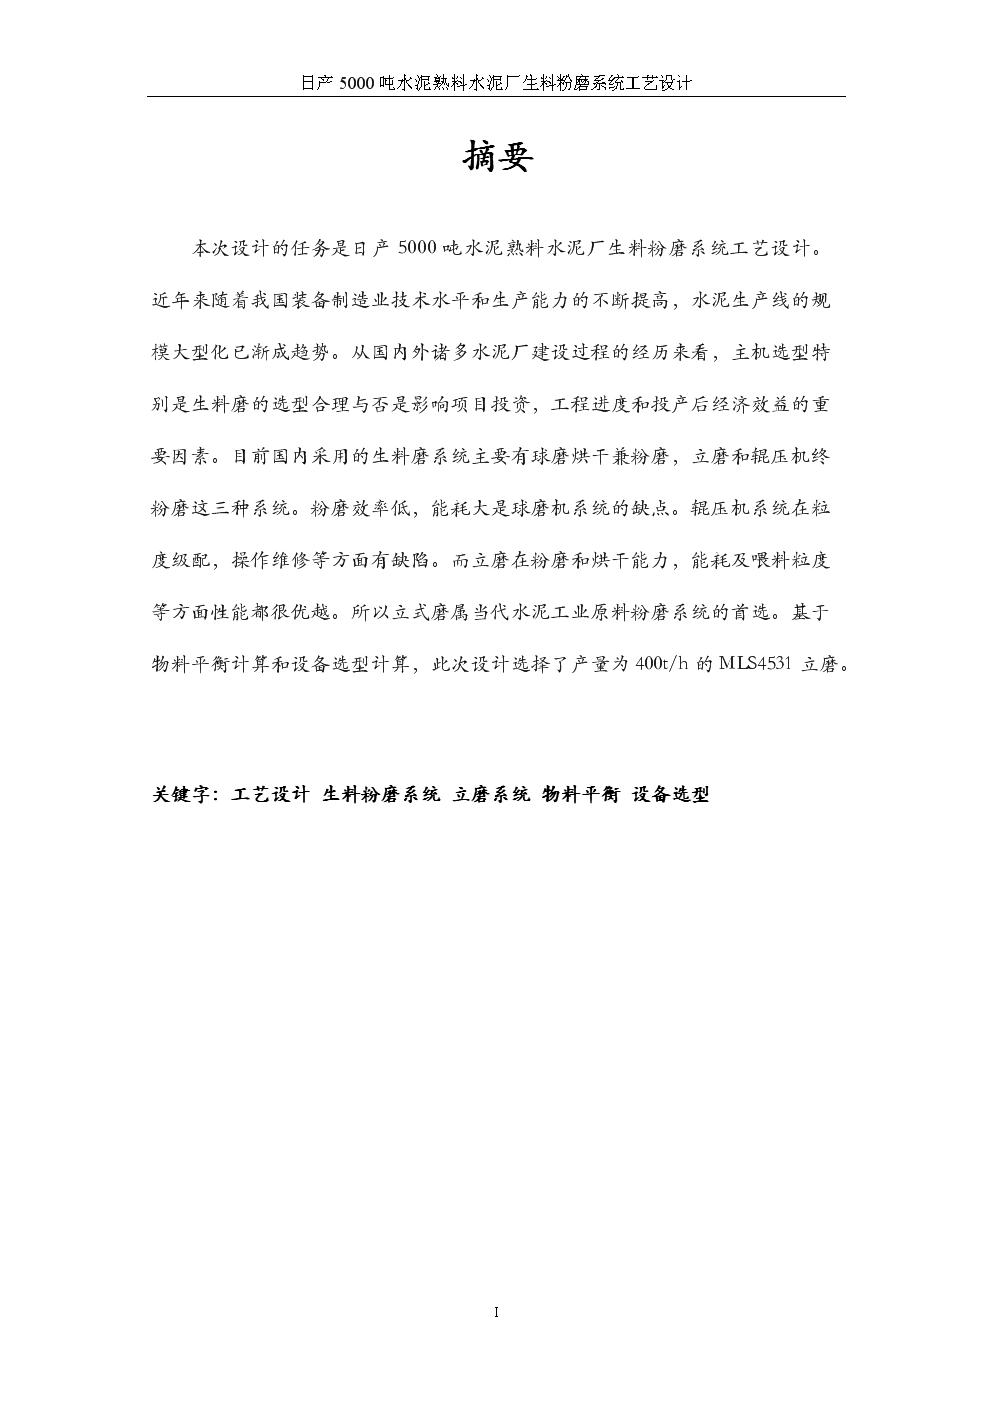 日产5000吨水泥熟料水泥厂生料粉磨系统设计.doc